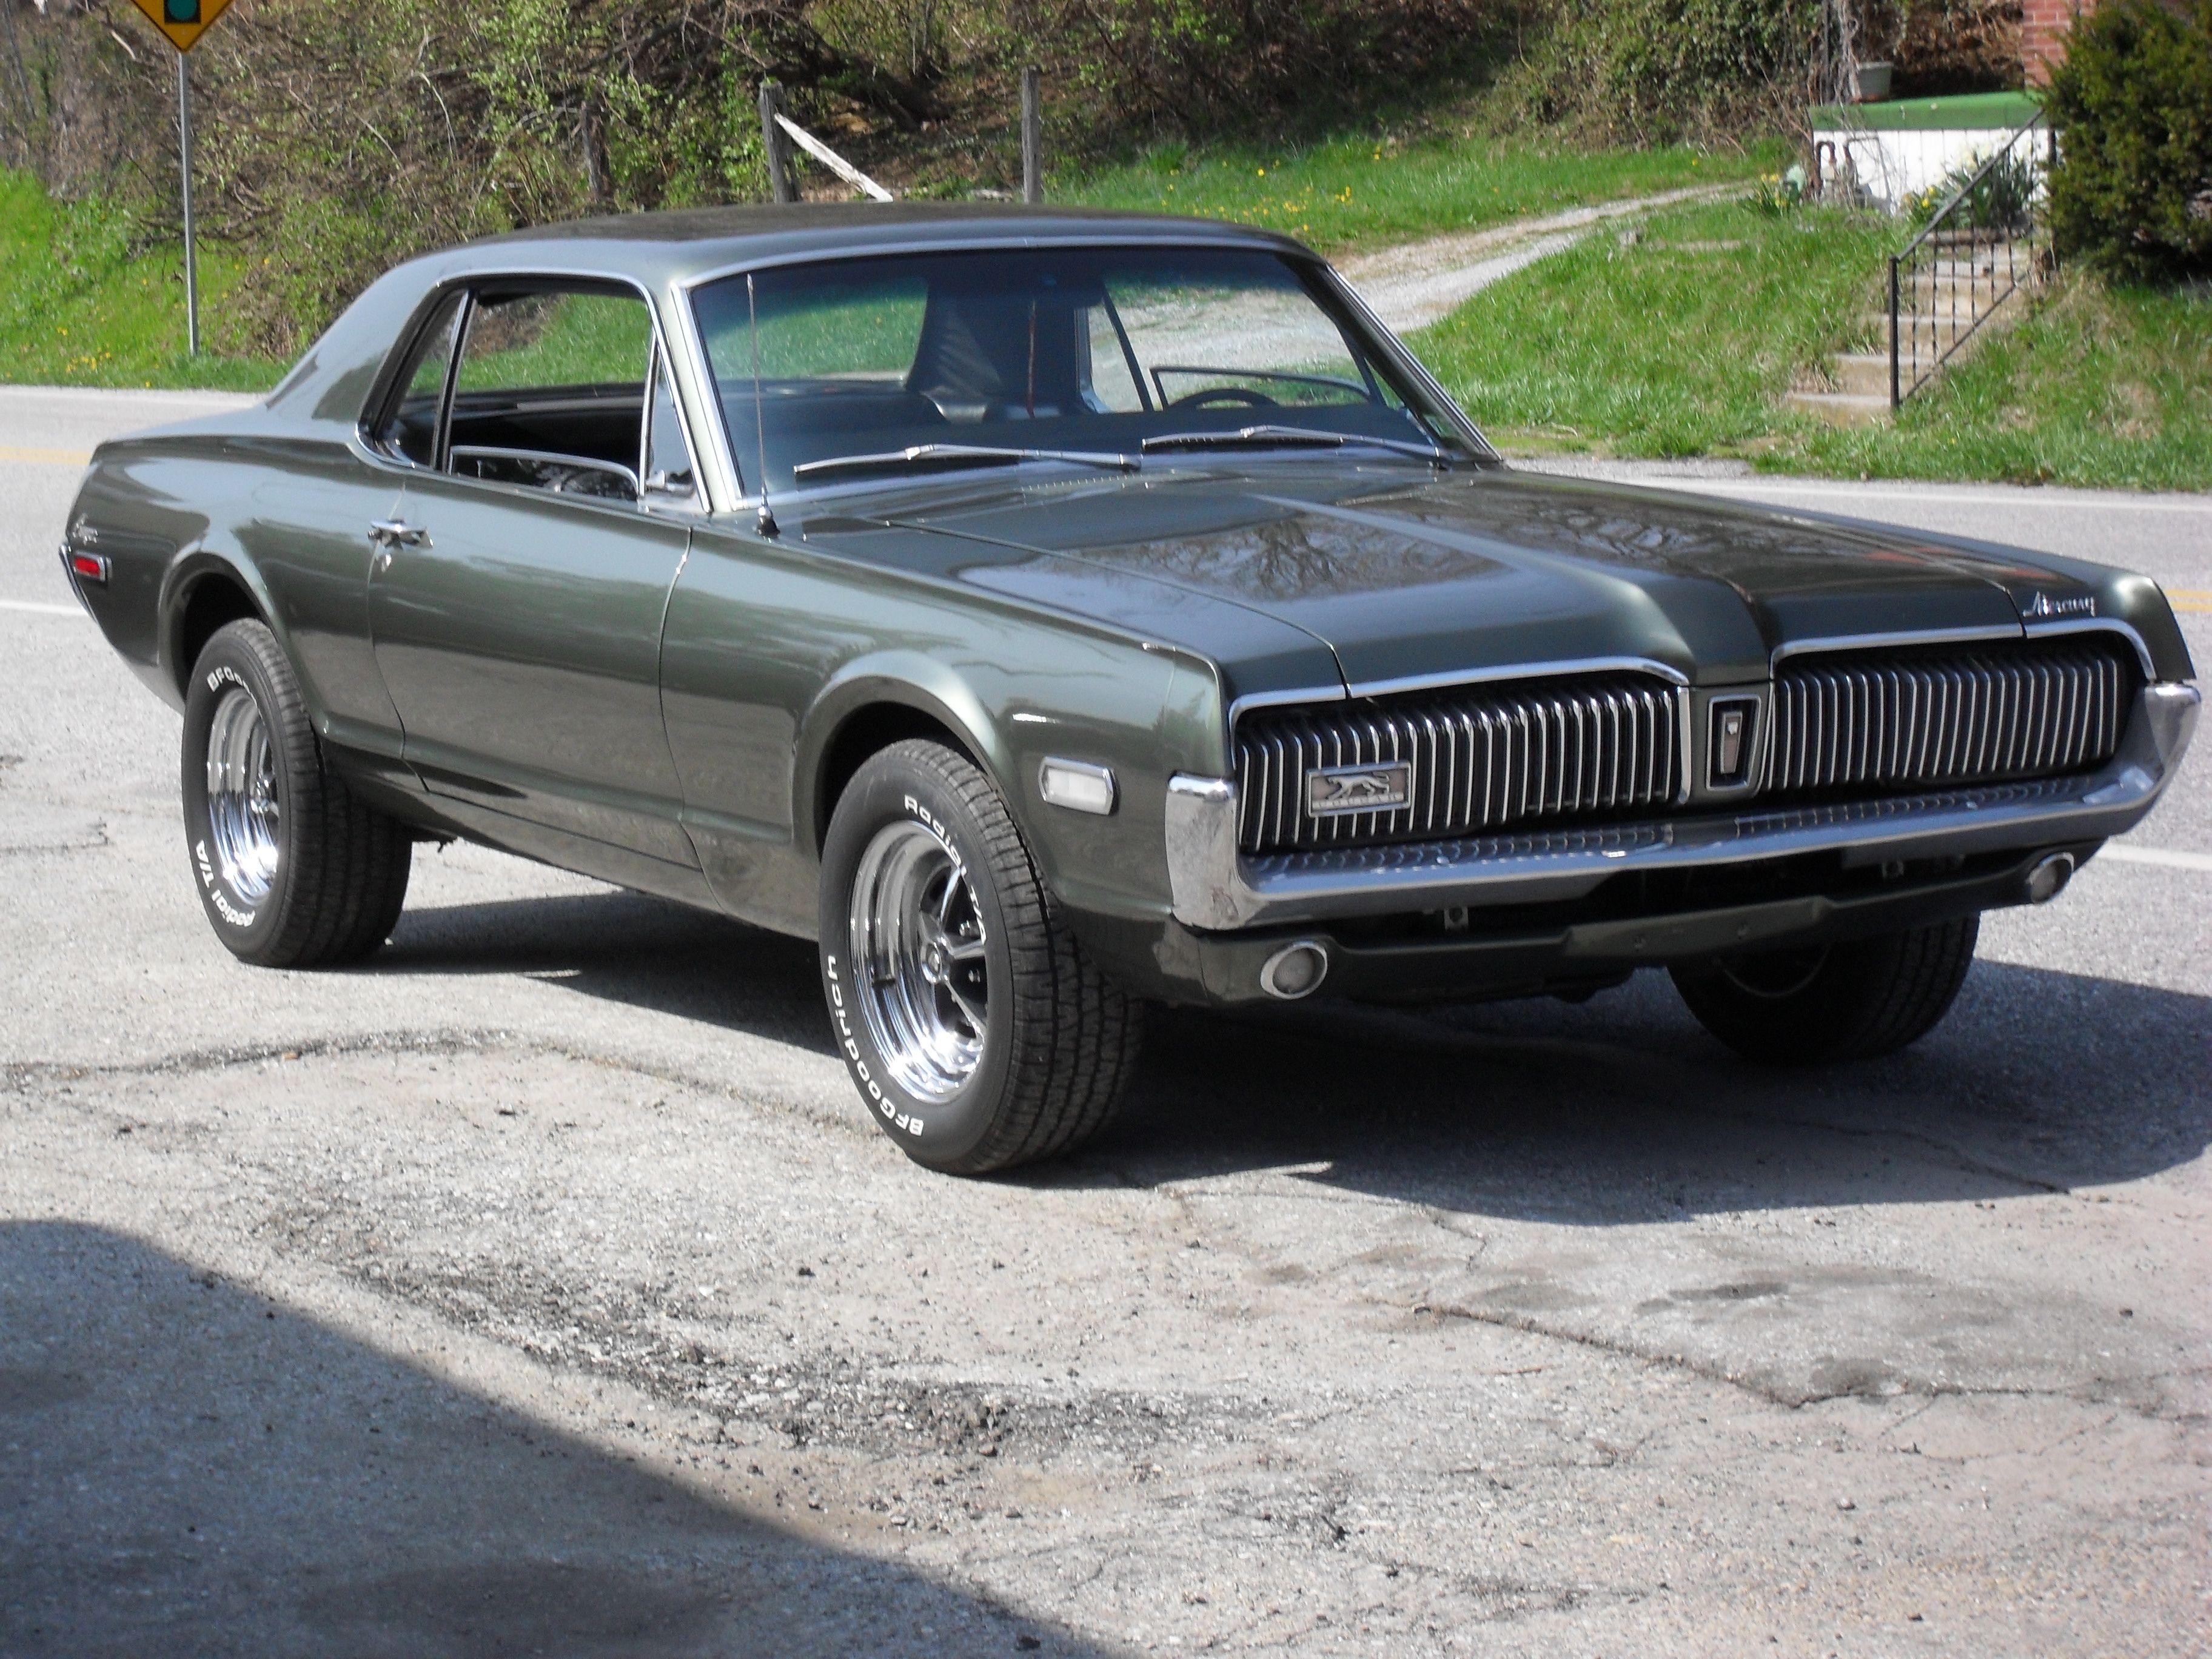 68 Mercury Cougar